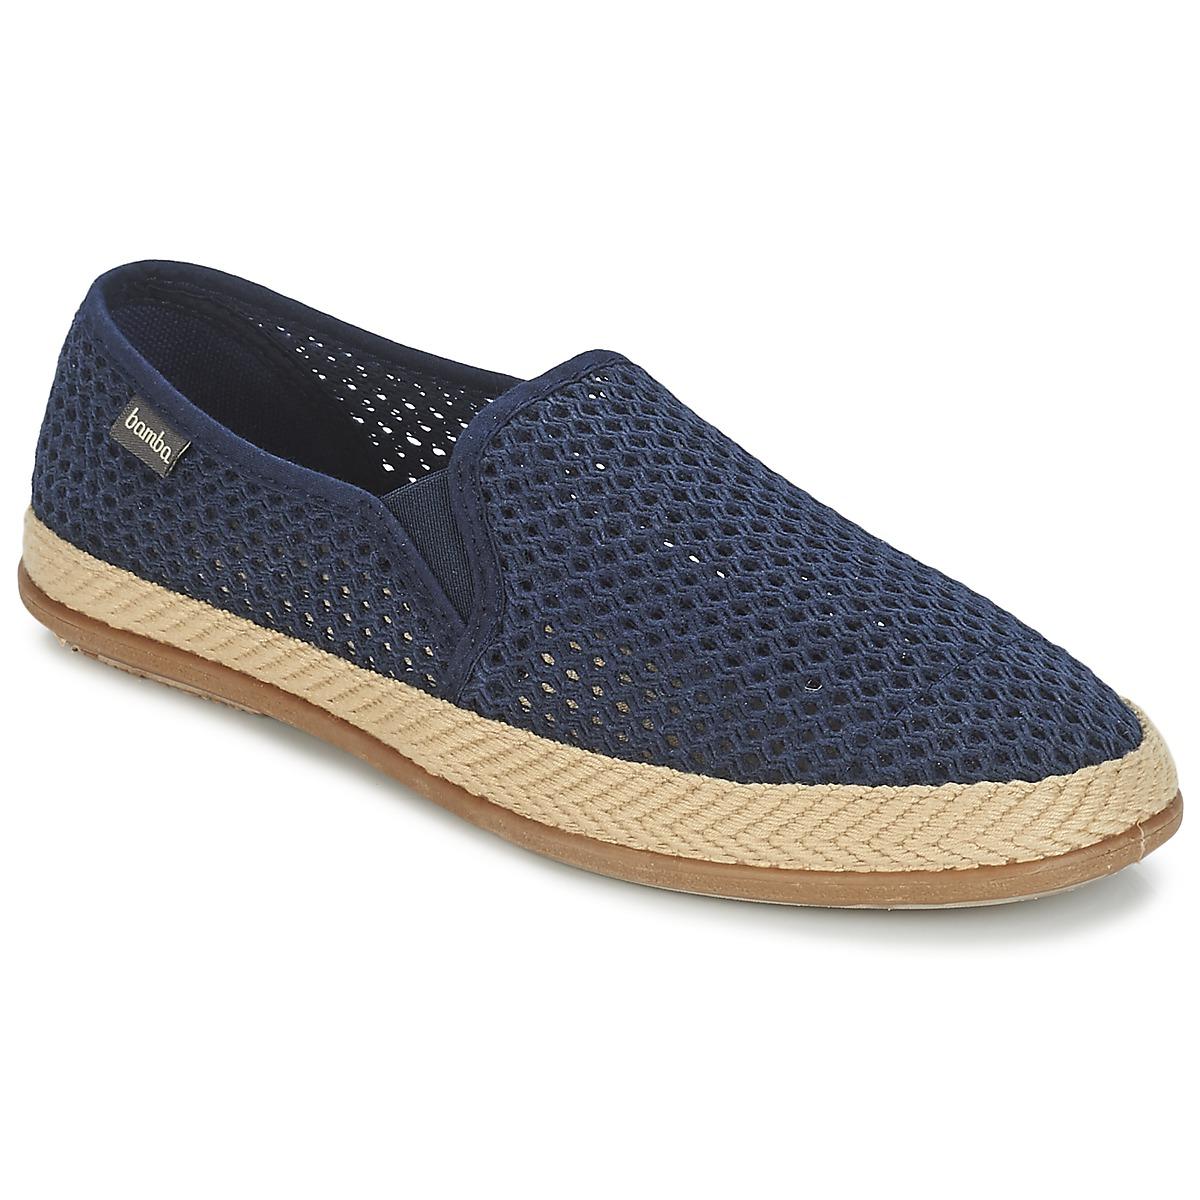 Bamba By Victoria COPETE ELASTICO REJILLA TRENZA Marine - Kostenloser Versand bei Spartoode ! - Schuhe Slip on Herren 33,99 €